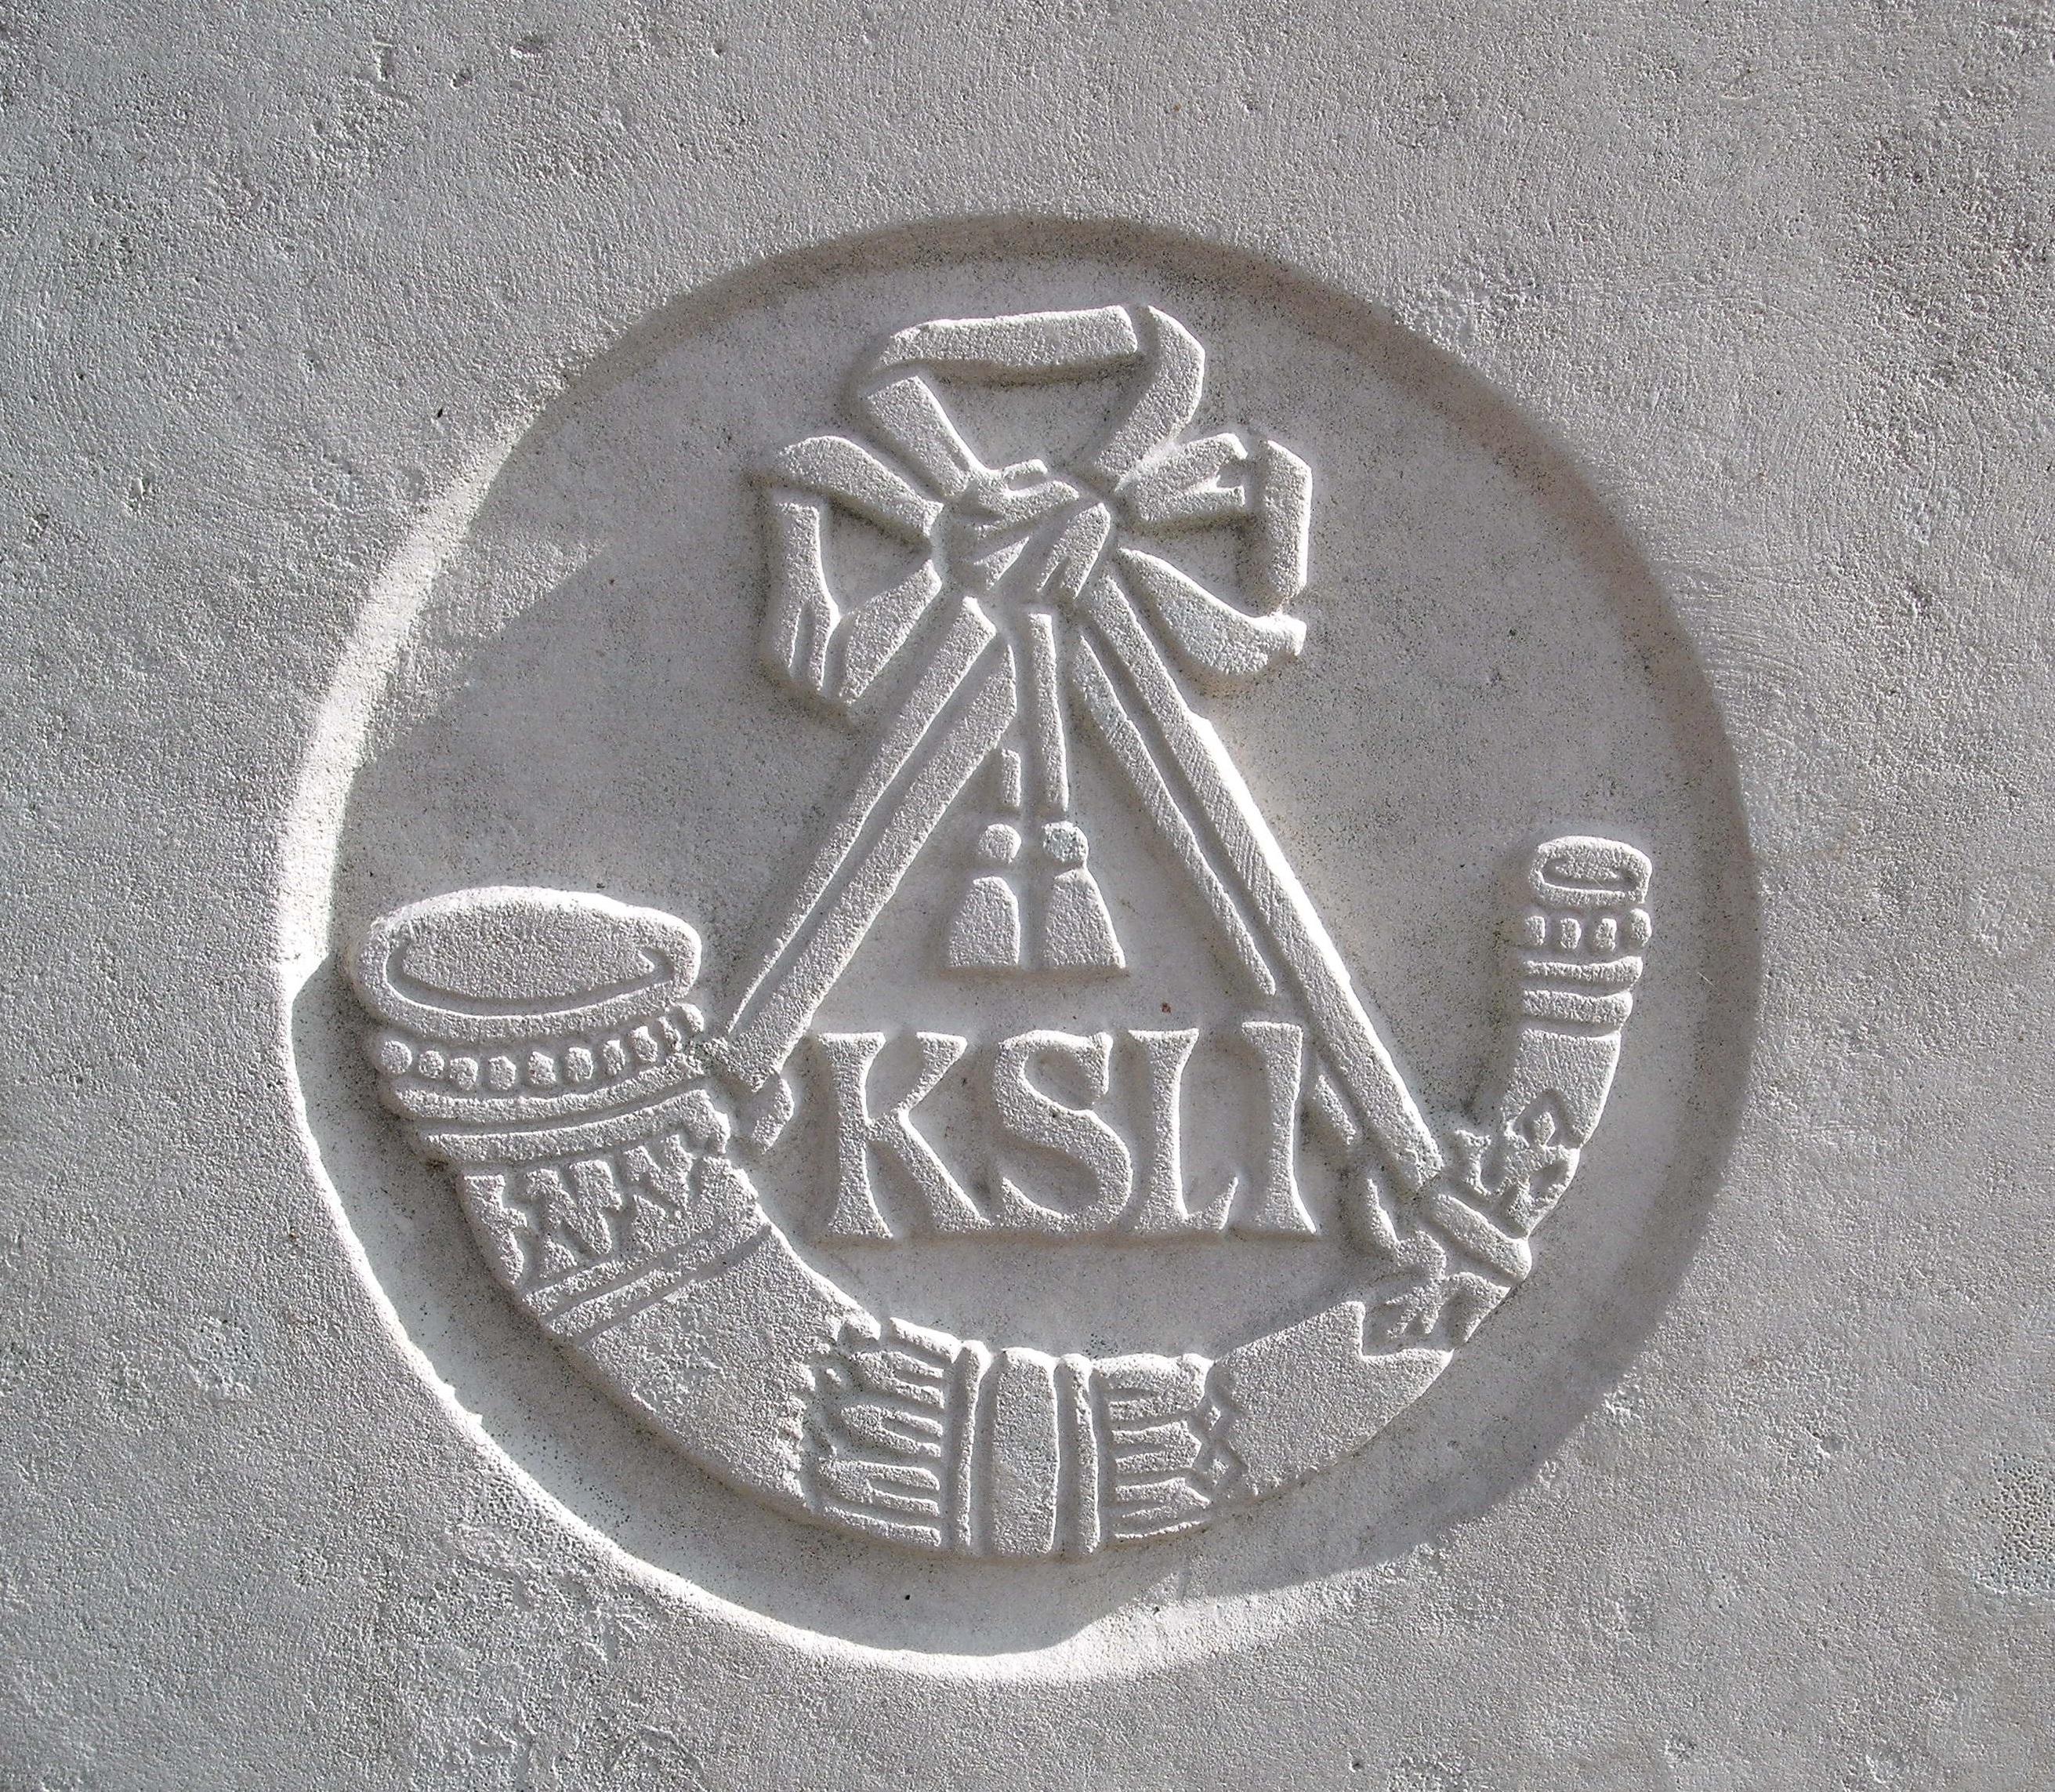 Capbadge of the Kings Shropshire Light Infantry